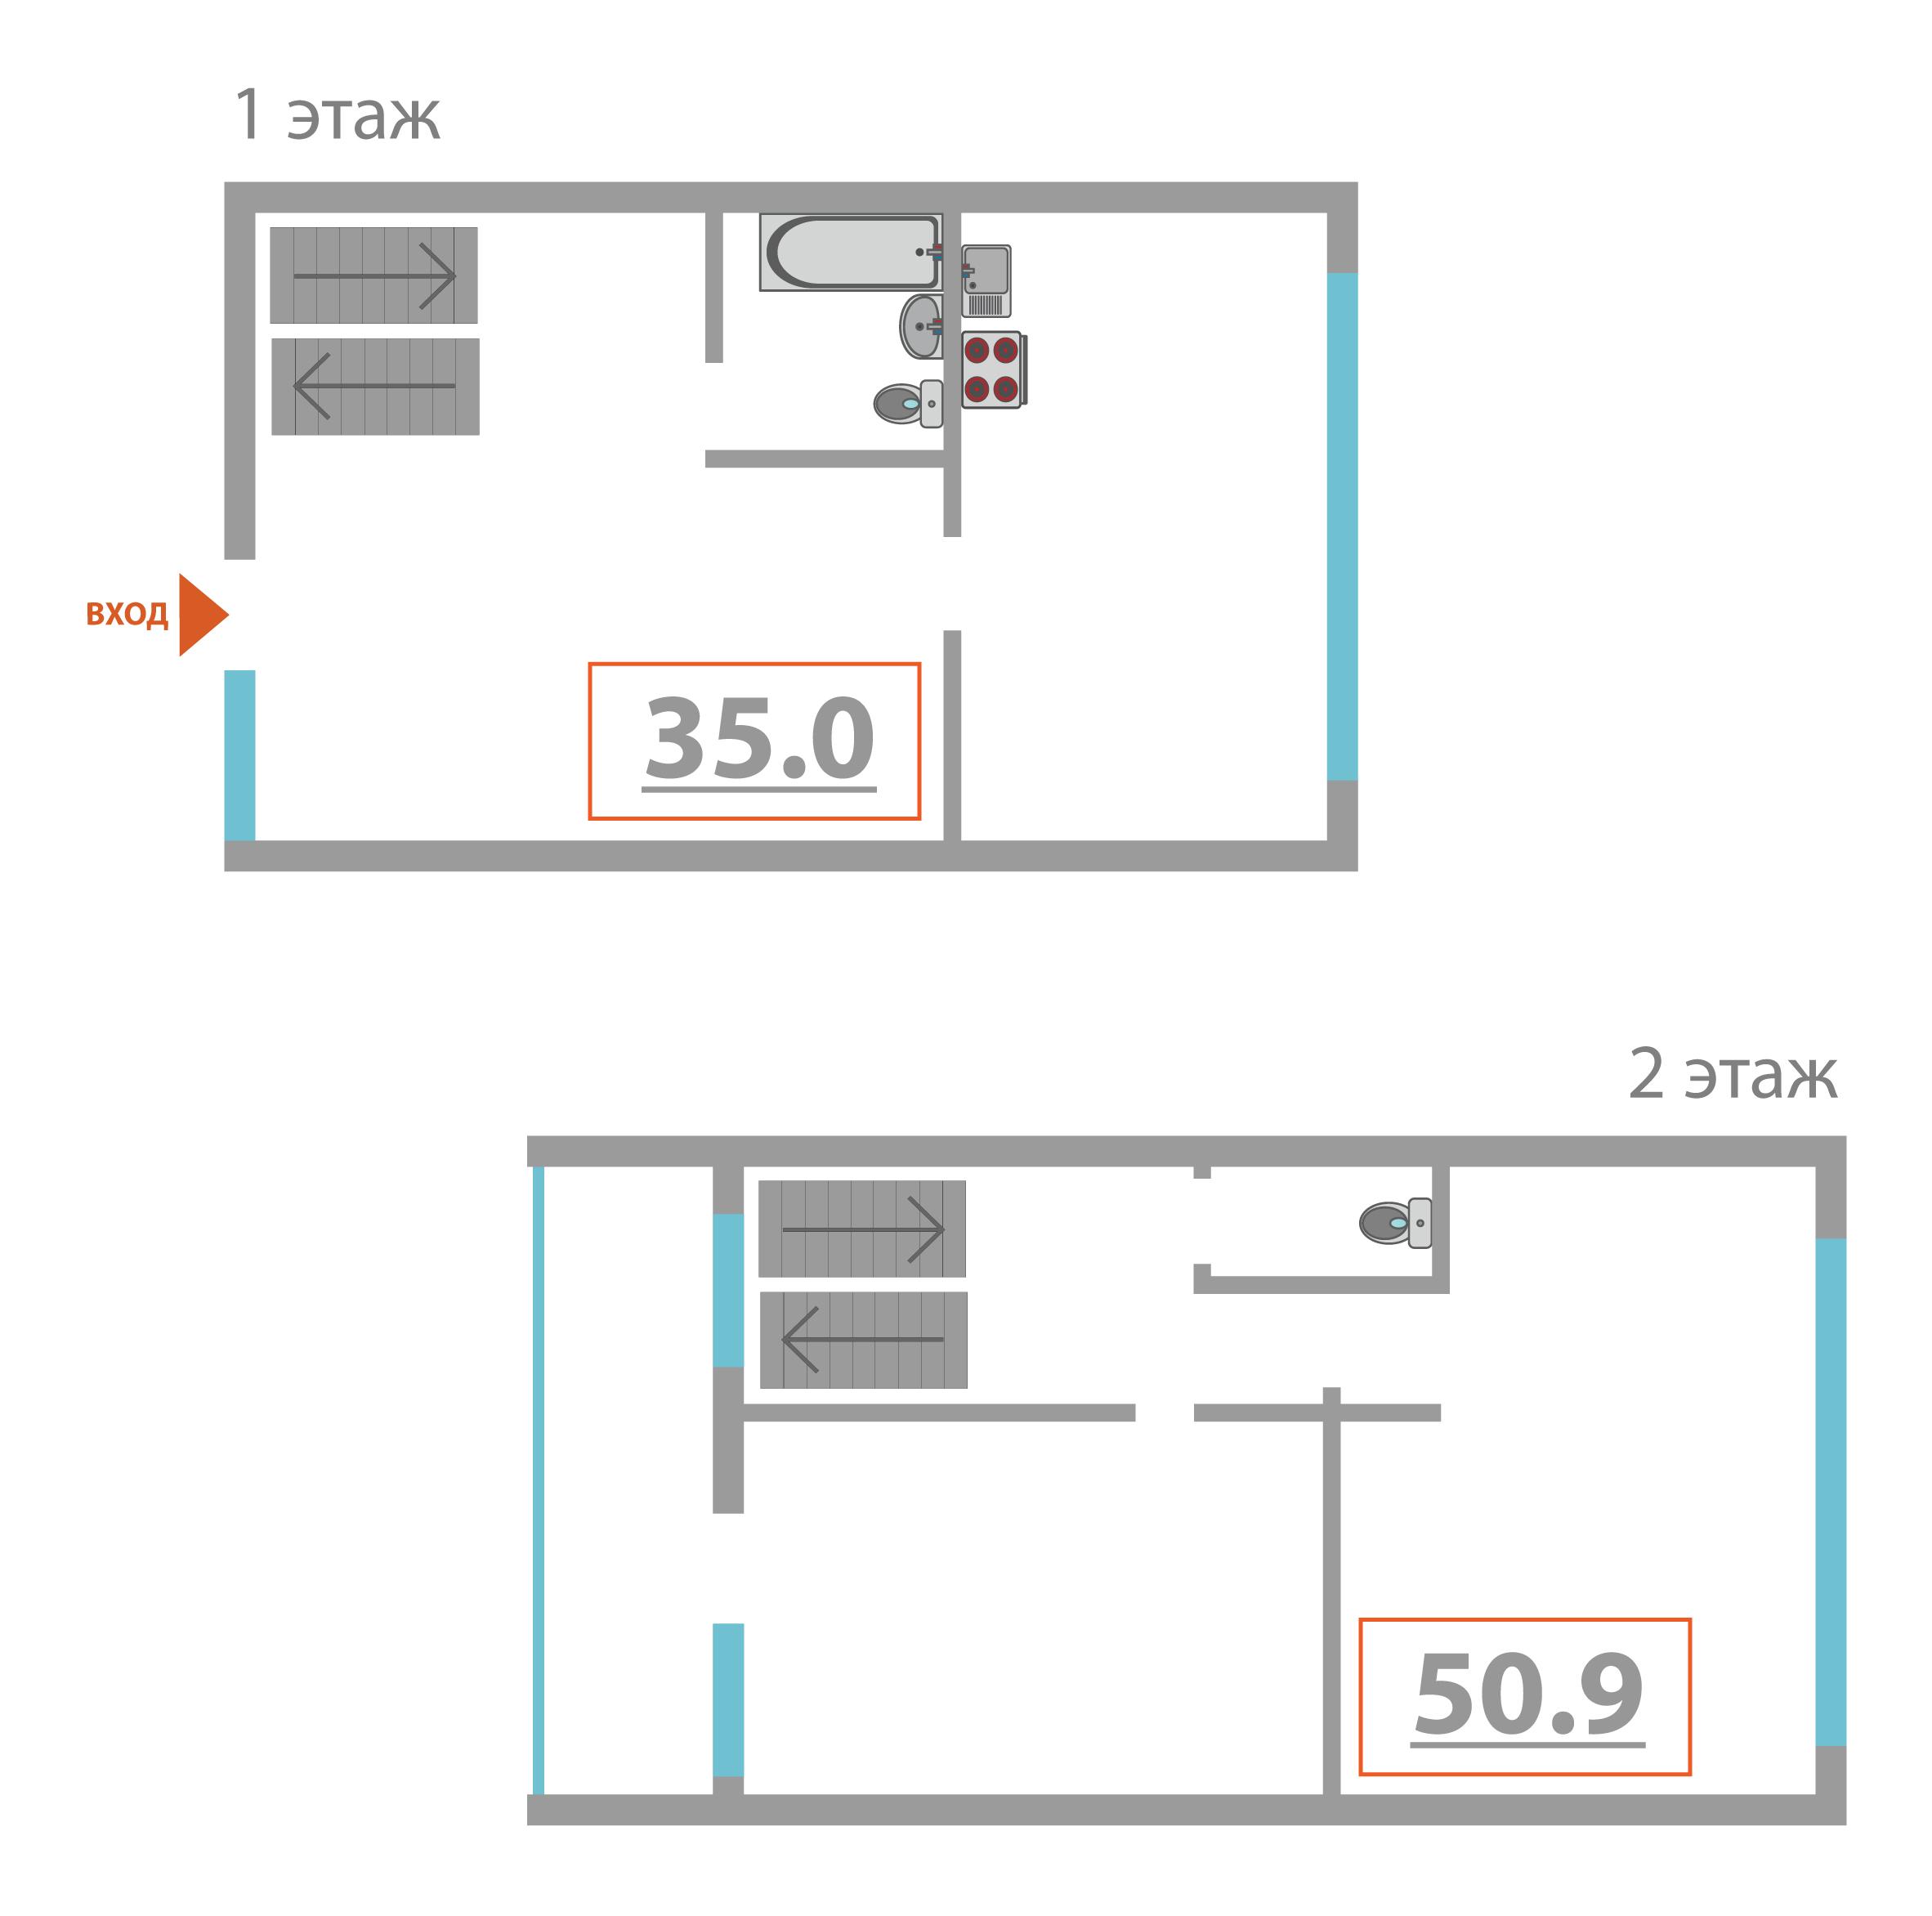 Участок с домом: площадь участка - 0 соток,   площадь дома - 0м^2,   цена - 6500000 тыс.руб.